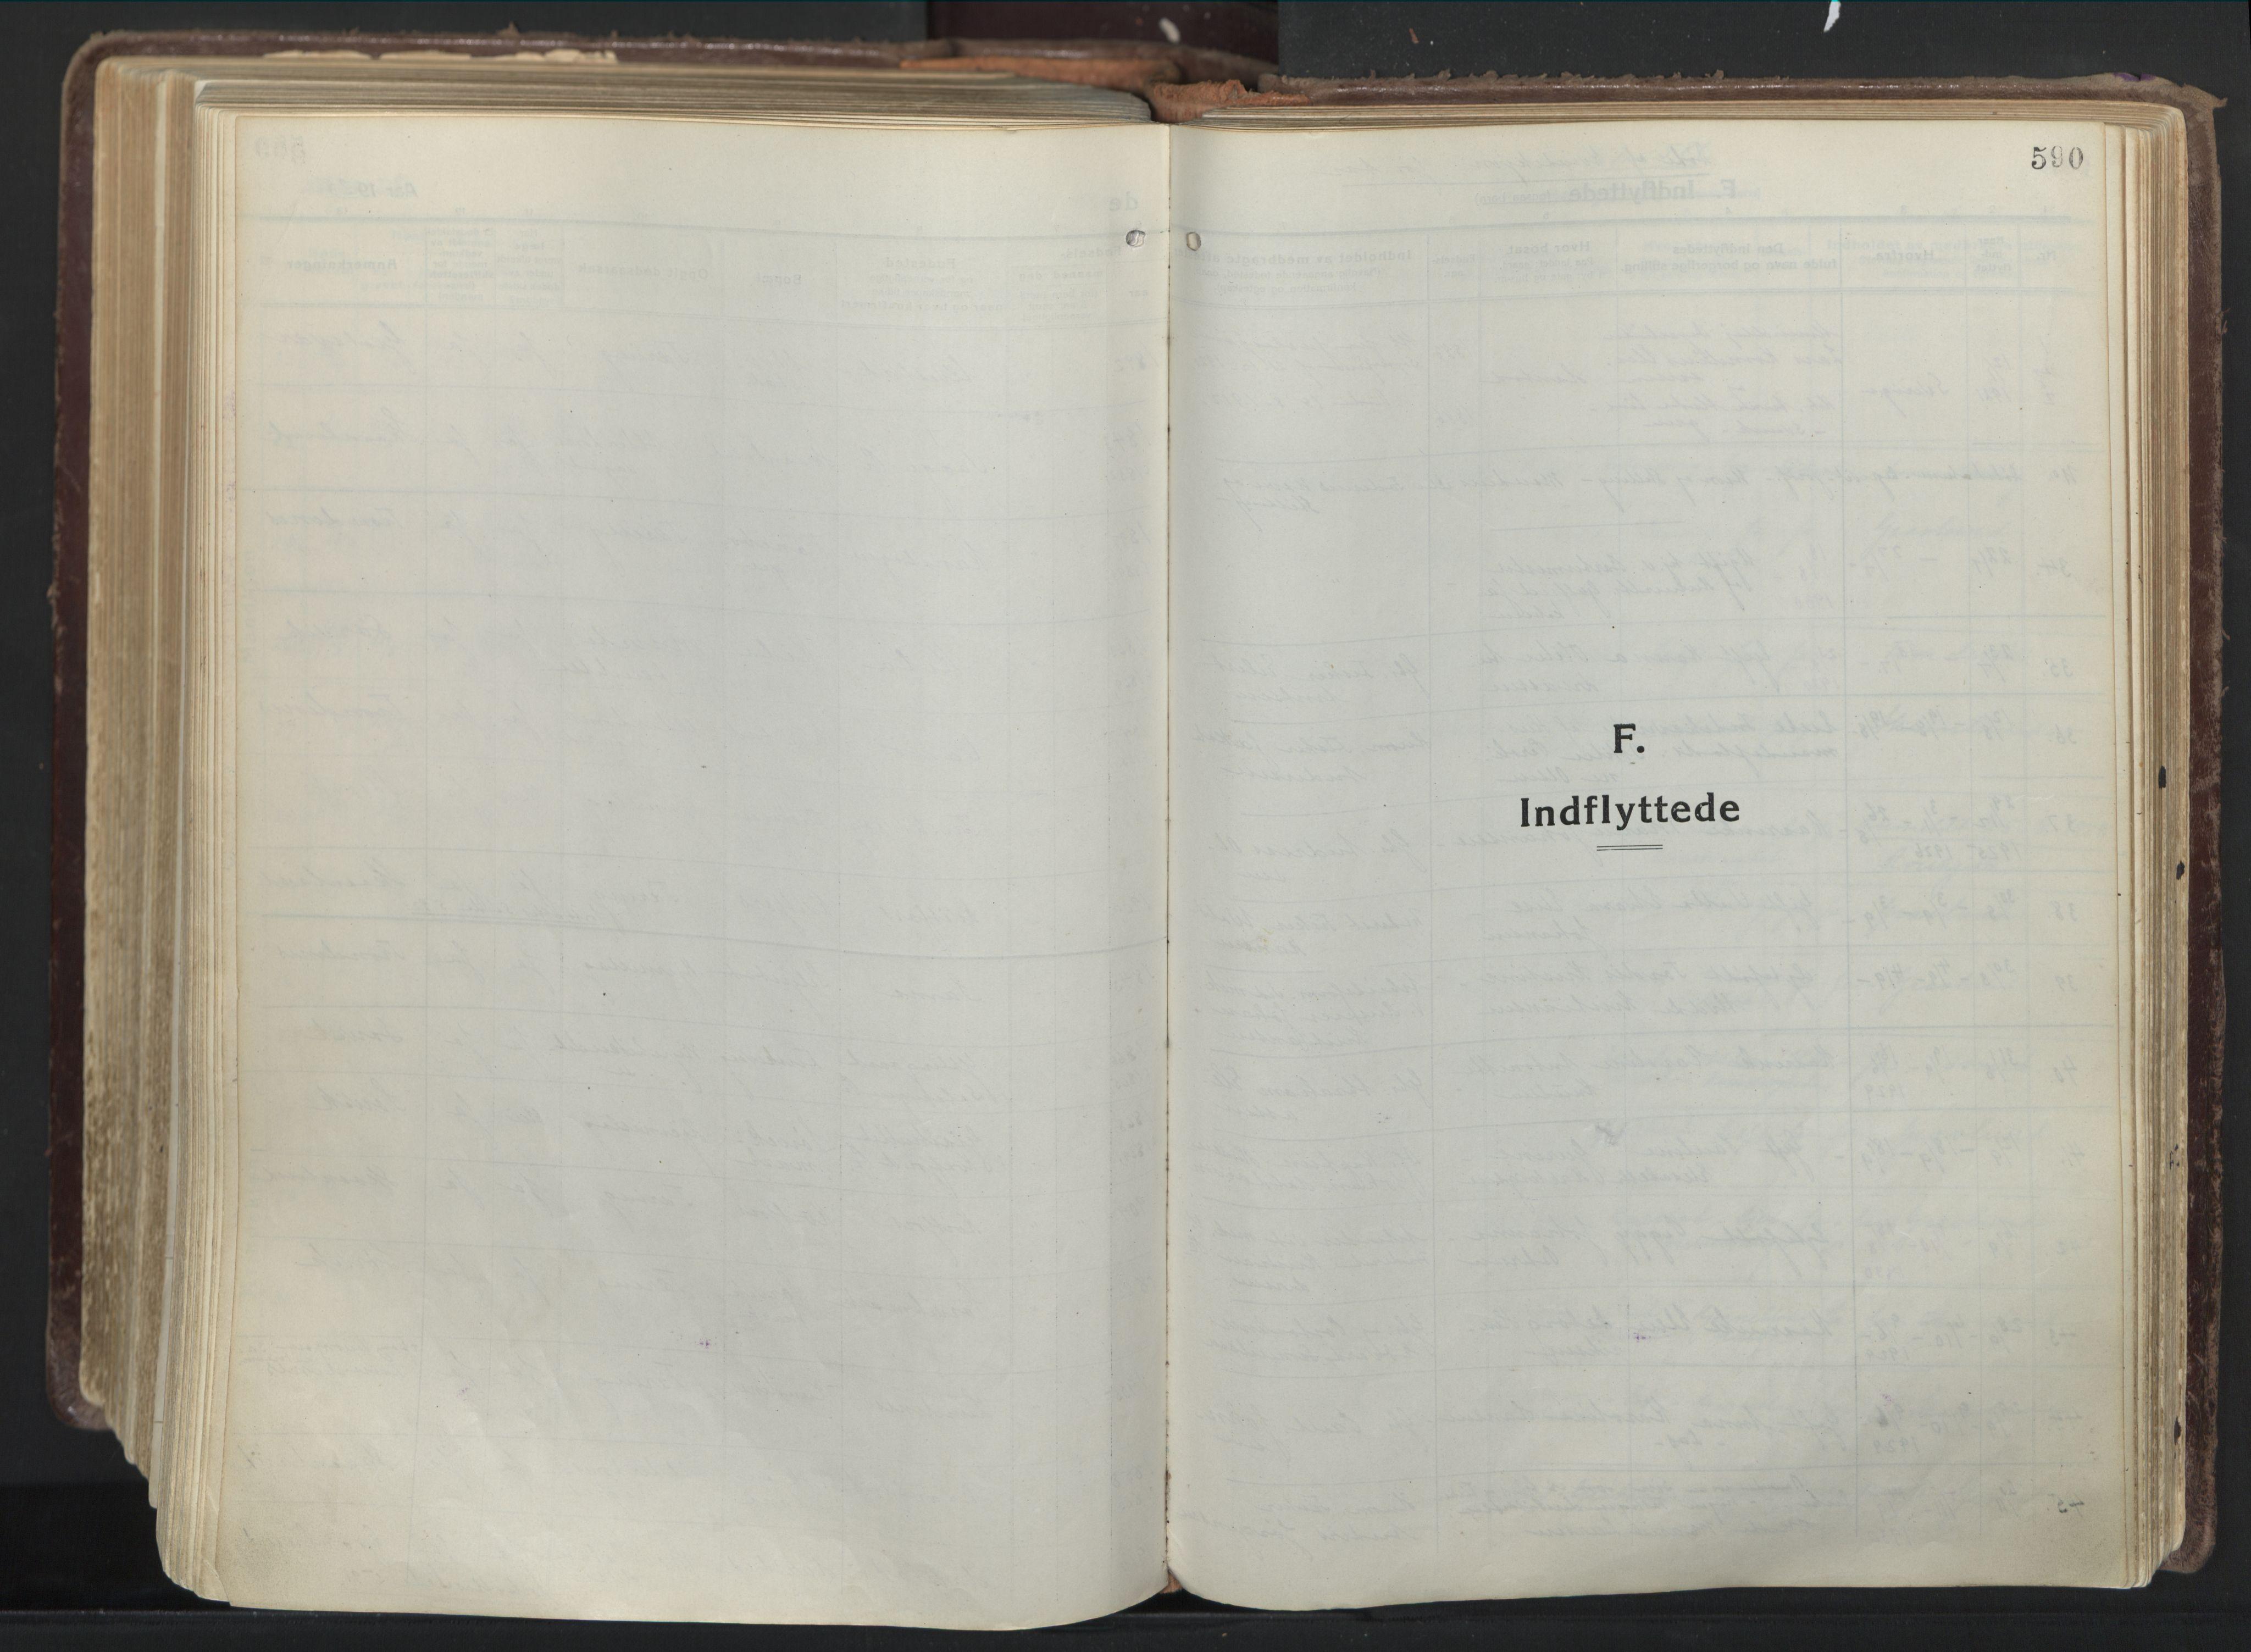 SATØ, Trondenes sokneprestkontor, H/Ha/L0019kirke: Ministerialbok nr. 19, 1919-1928, s. 590